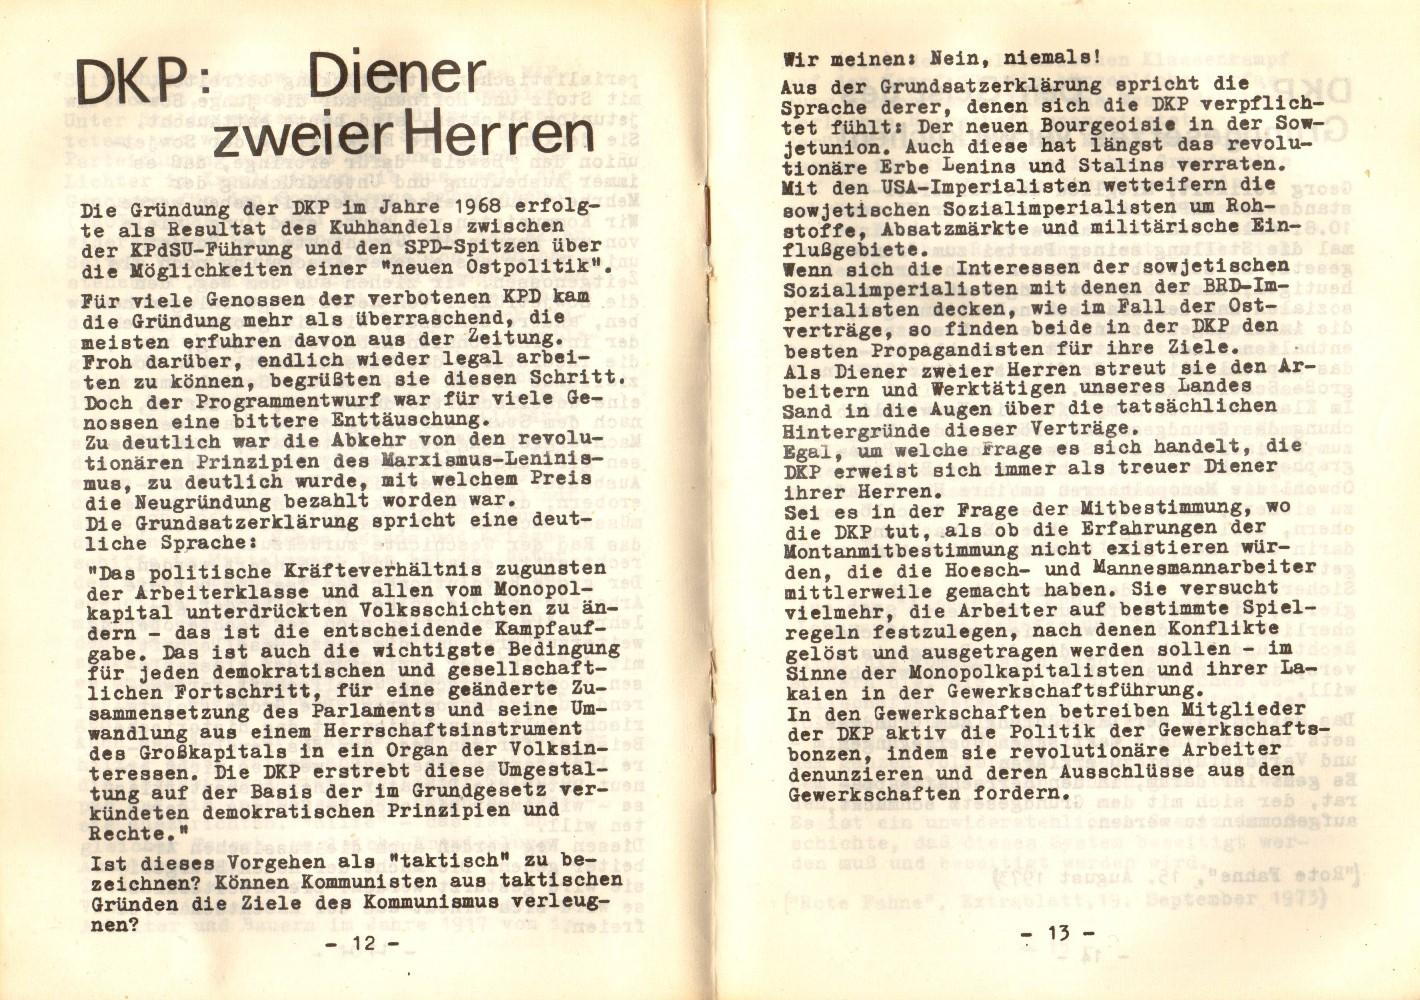 Duesseldorf_KPD_1974_Deine_Zeitung_08